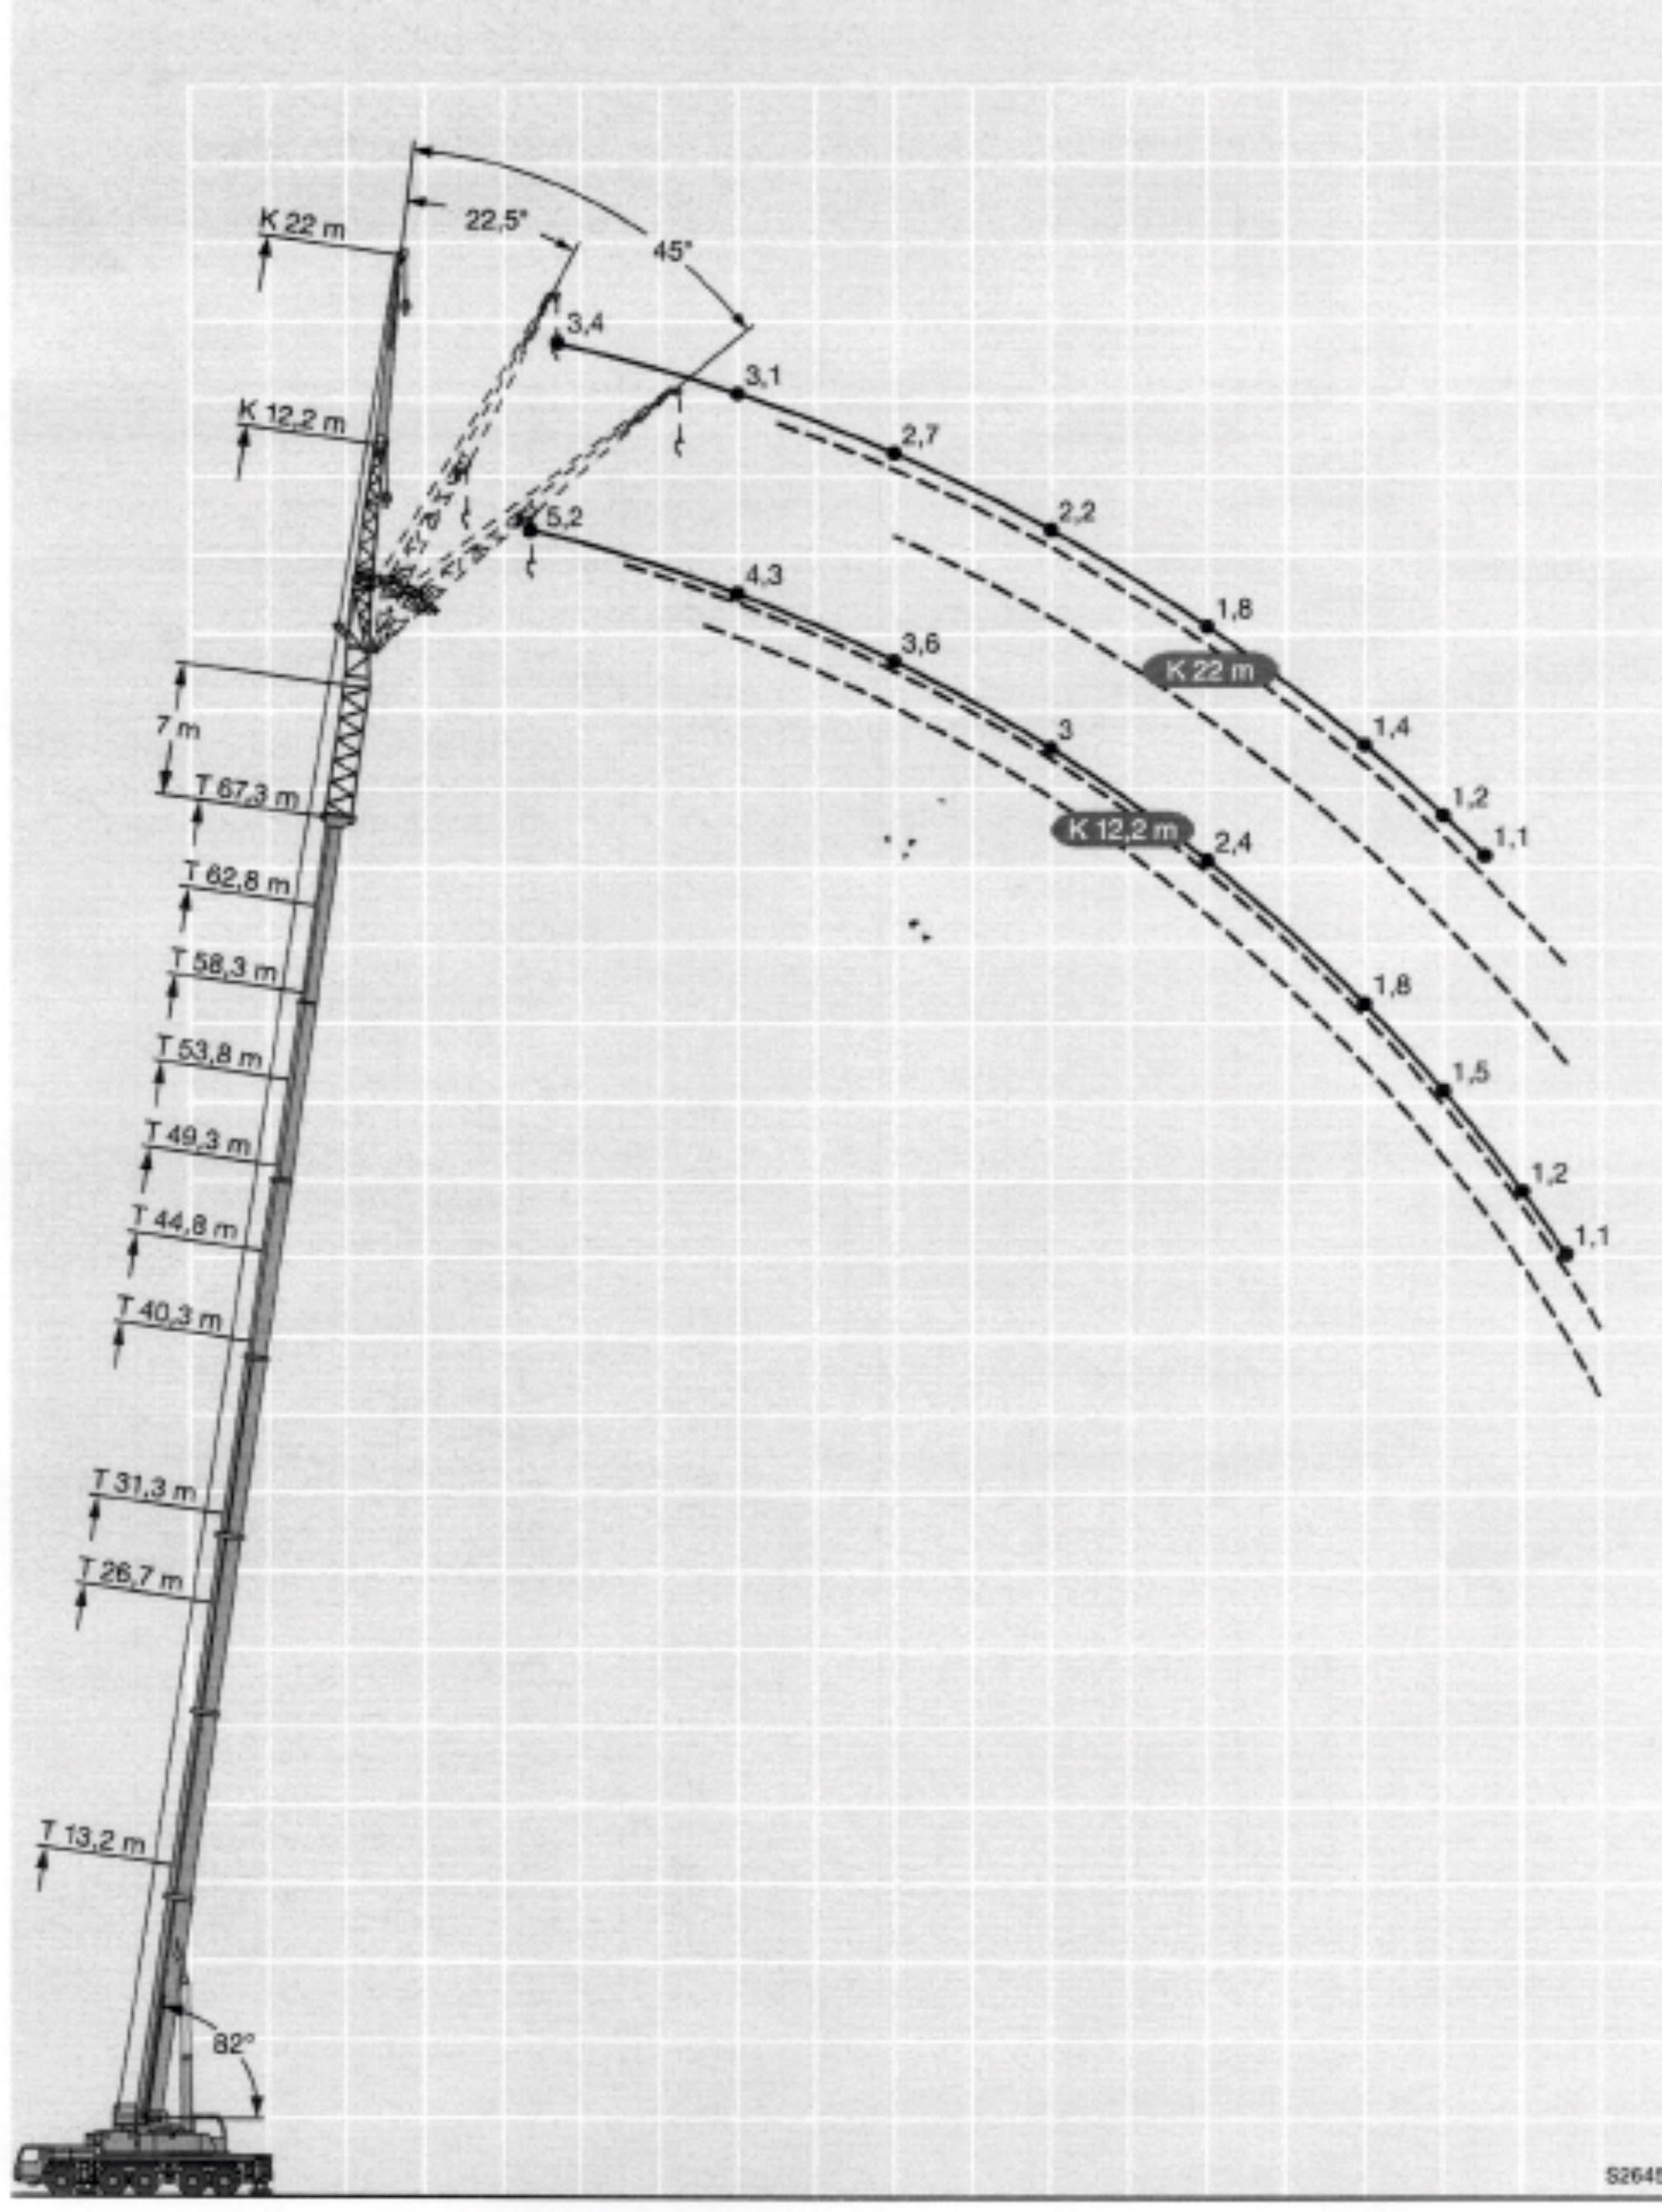 Inchiriere macara 200 de tone - diagrama 200 tone